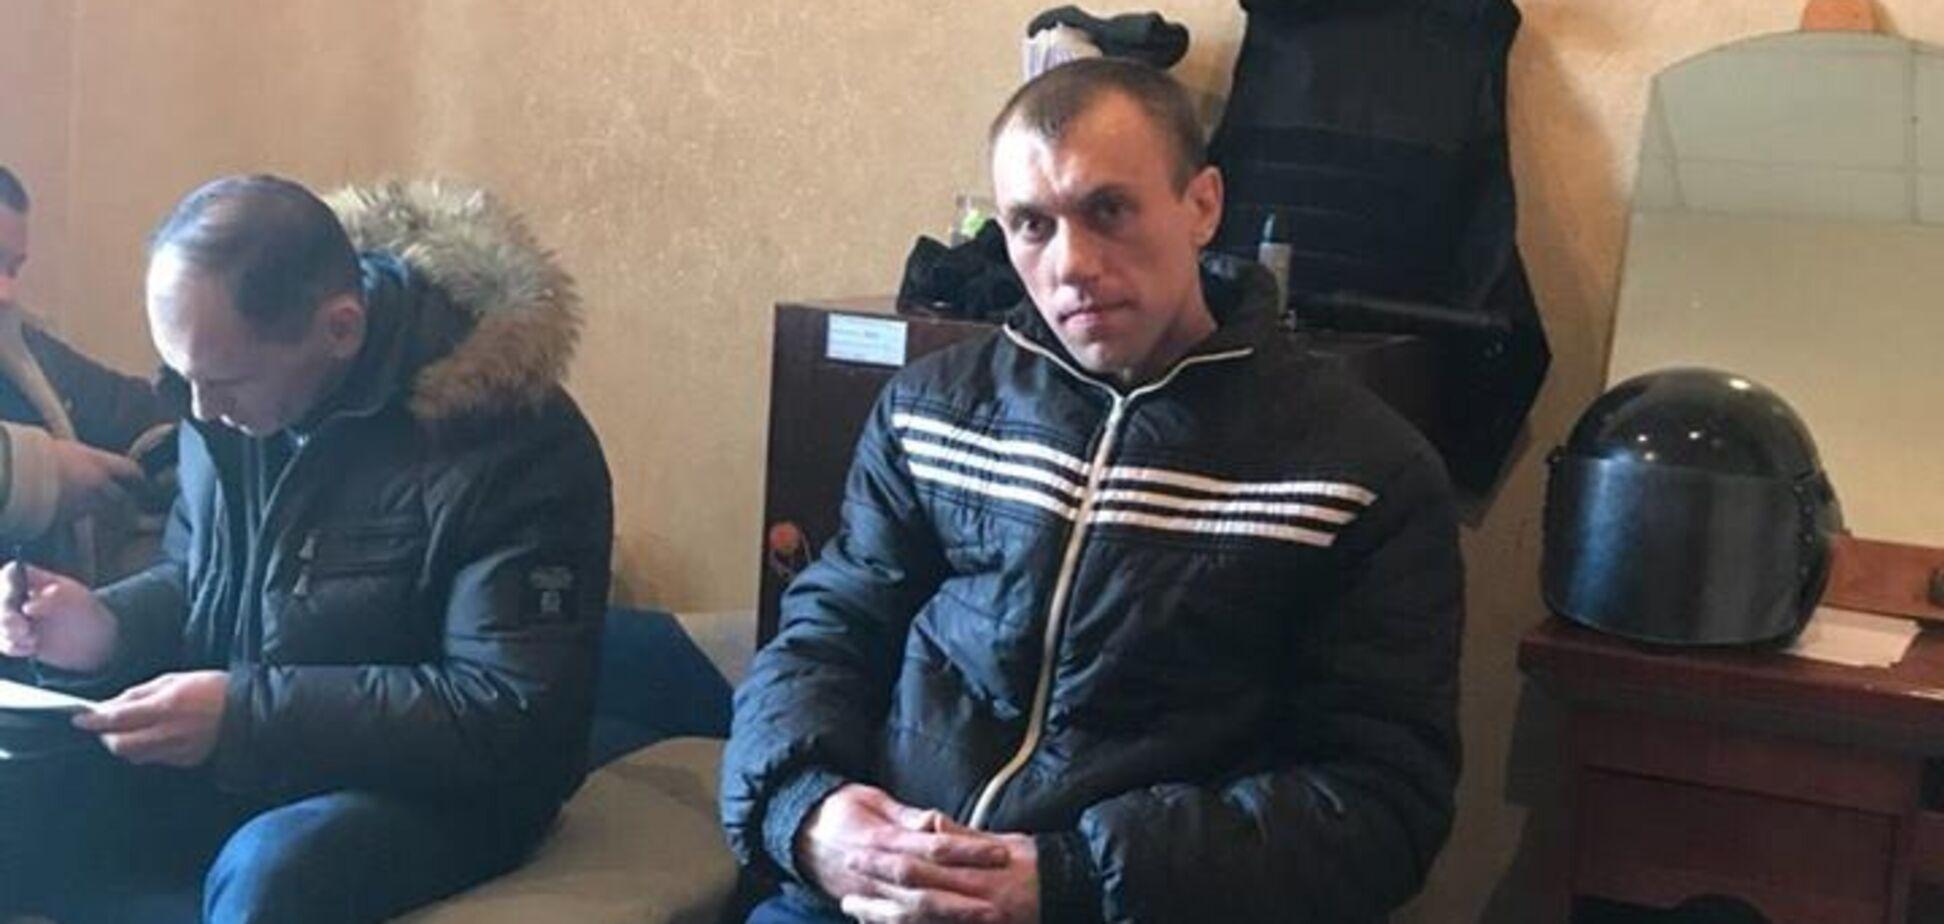 'Зрада' скасовується: прокуратура прийняла важливе рішення щодо маніяка в Києві